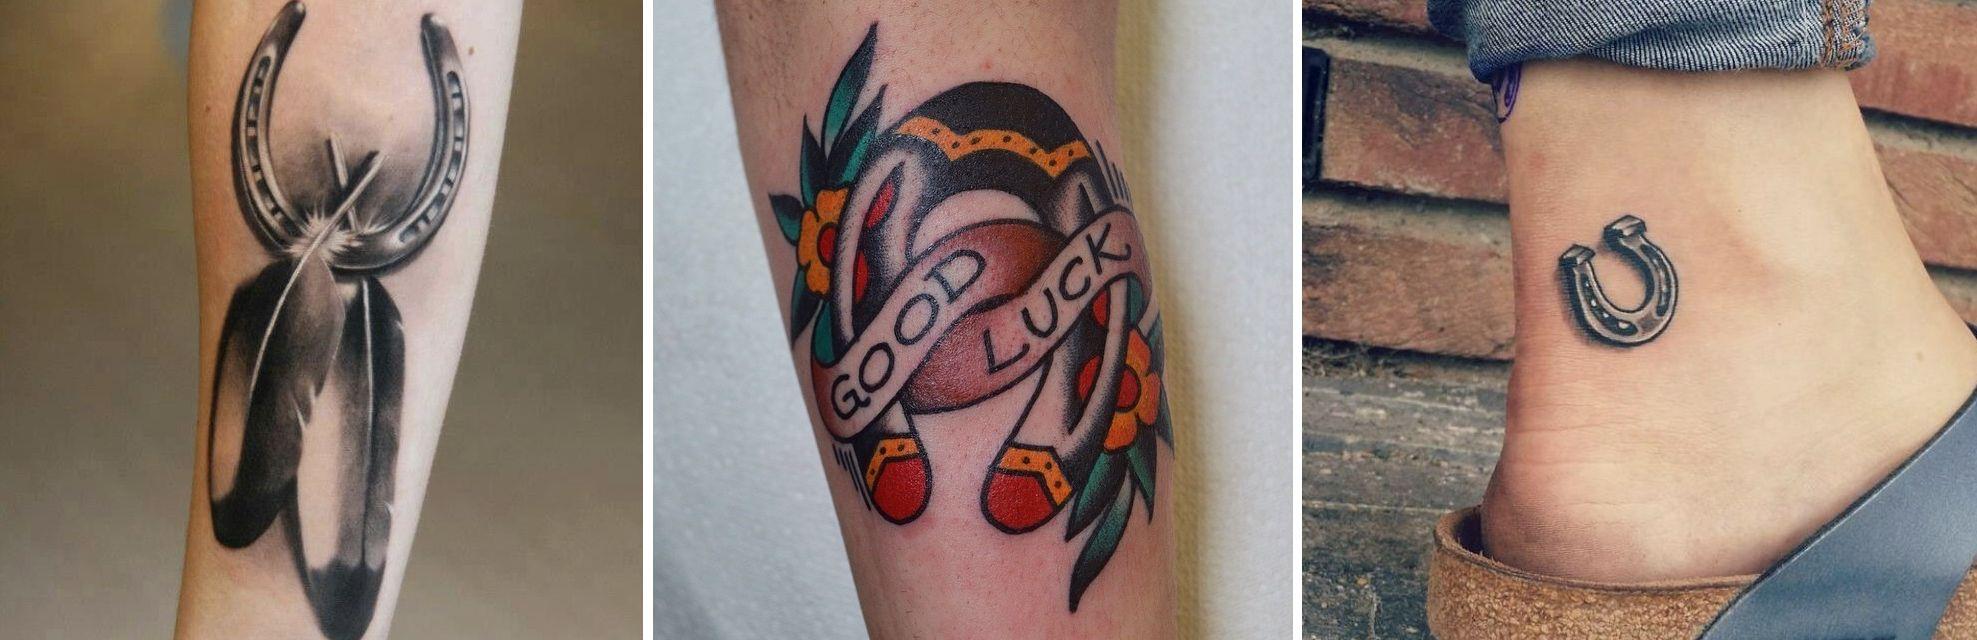 Tatuaggio Tattoo Cavalli Ferro di Cavallo